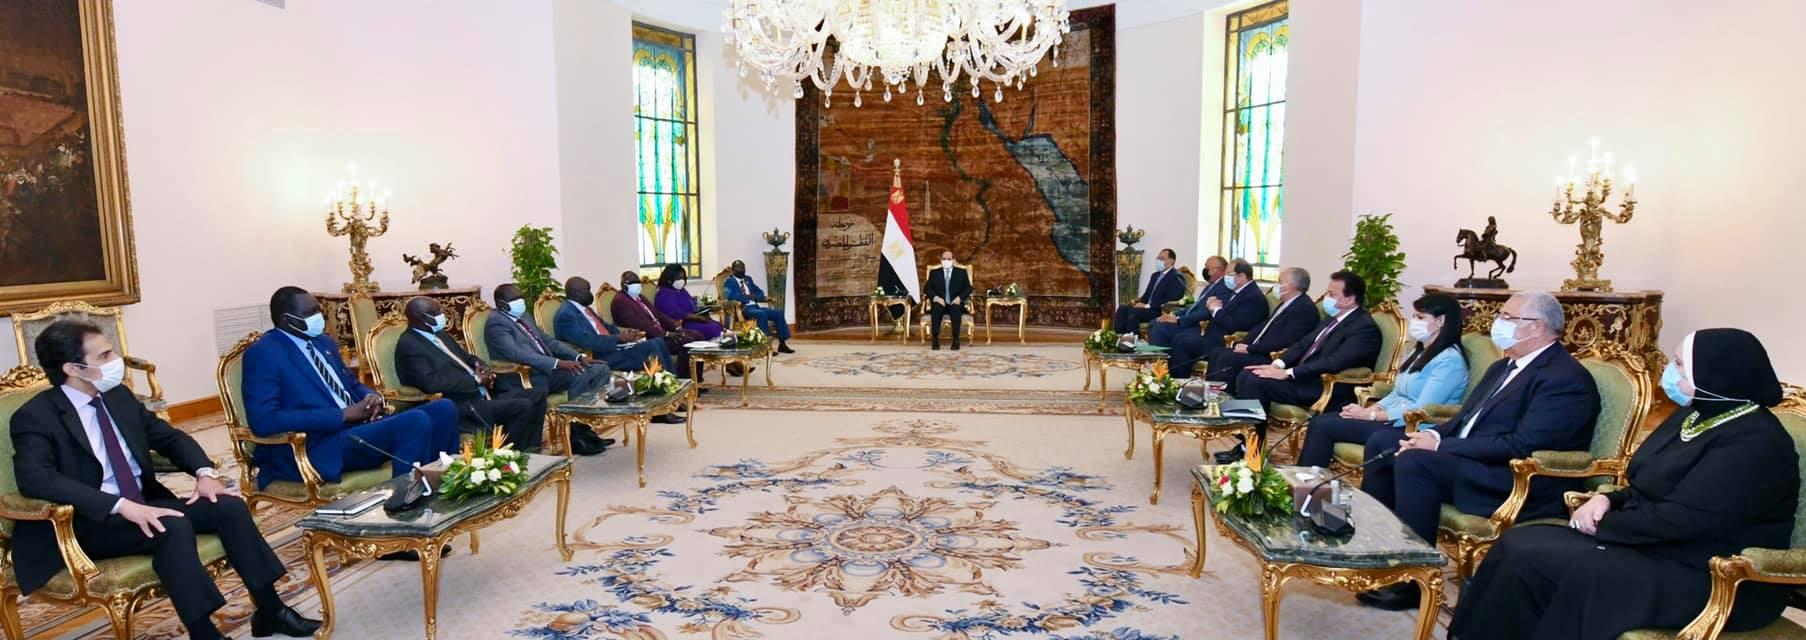 استقبل السيد الرئيس عبد الفتاح السيسي اليوم الدكتور جيمس واني إيجا